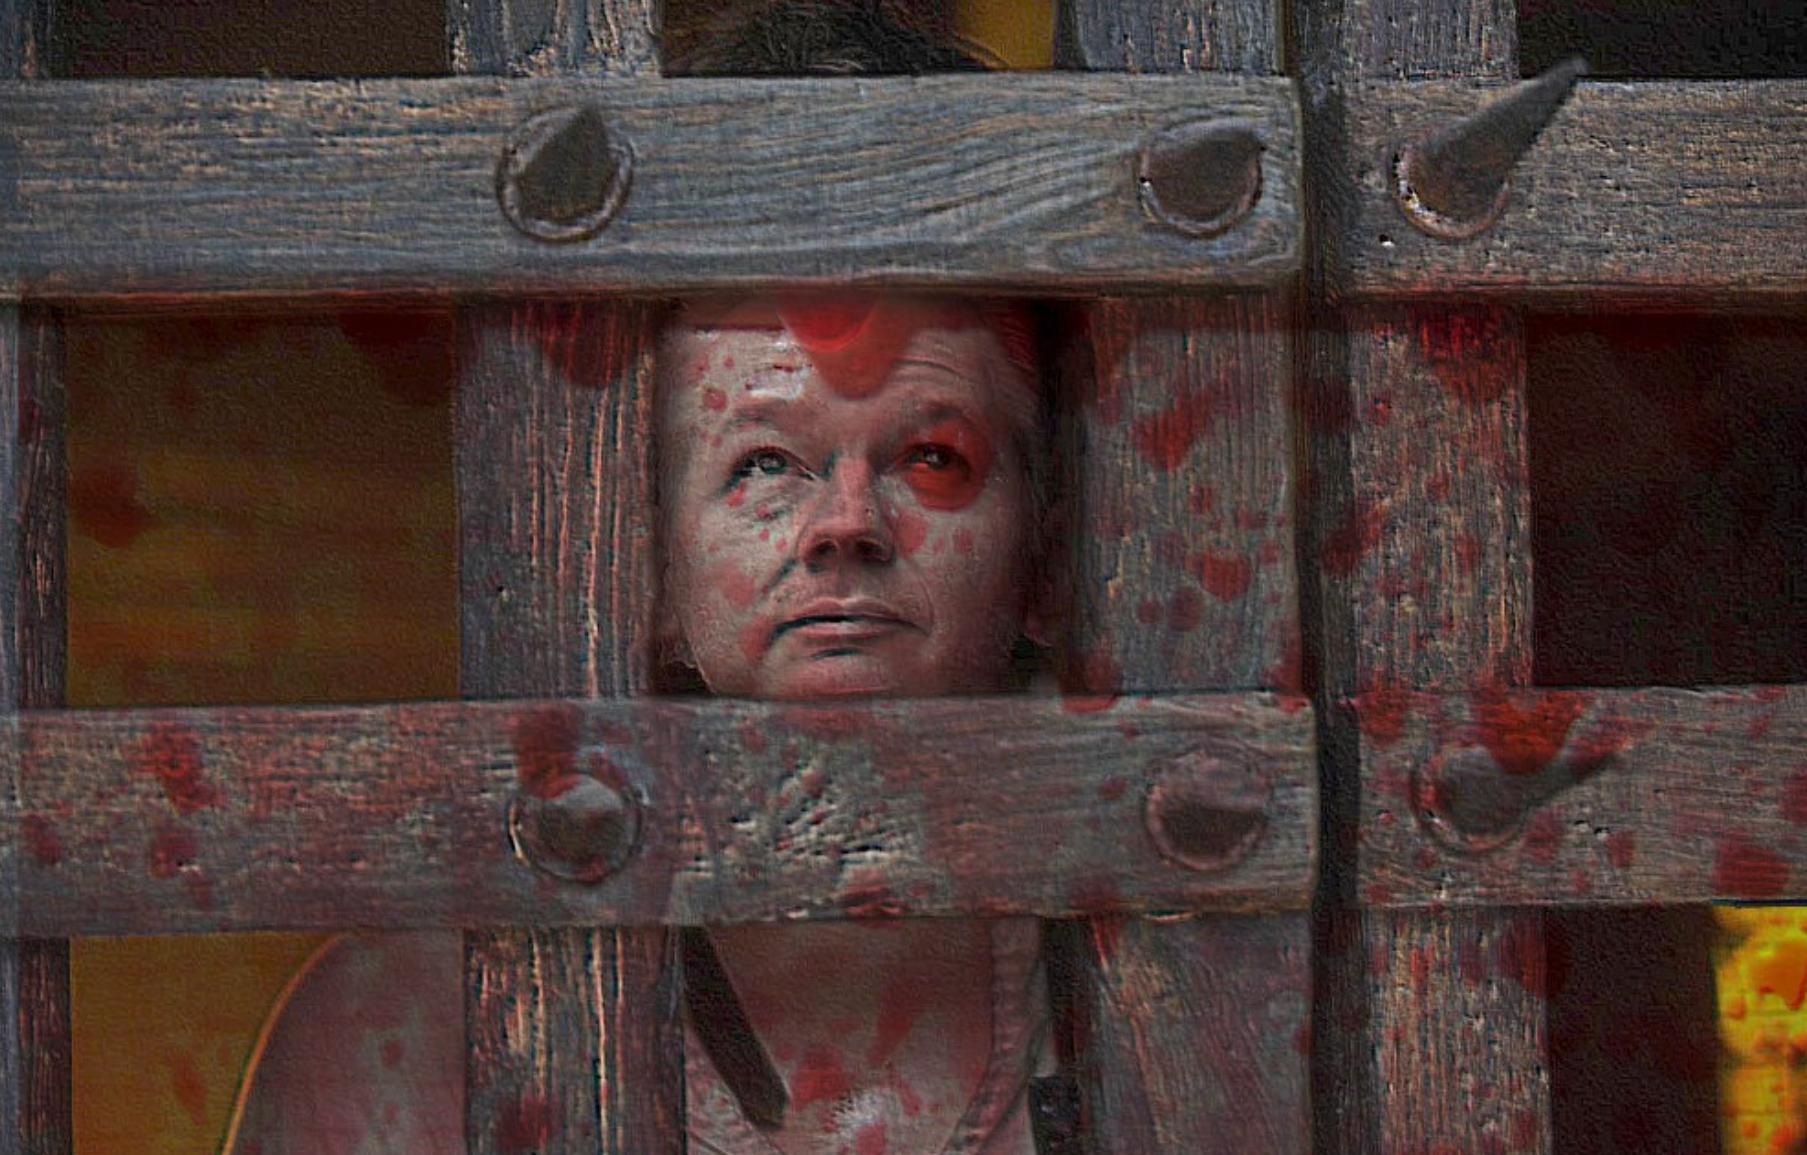 L'évasion de Julian Assange, concours d'illustration sur FreakingNews.com